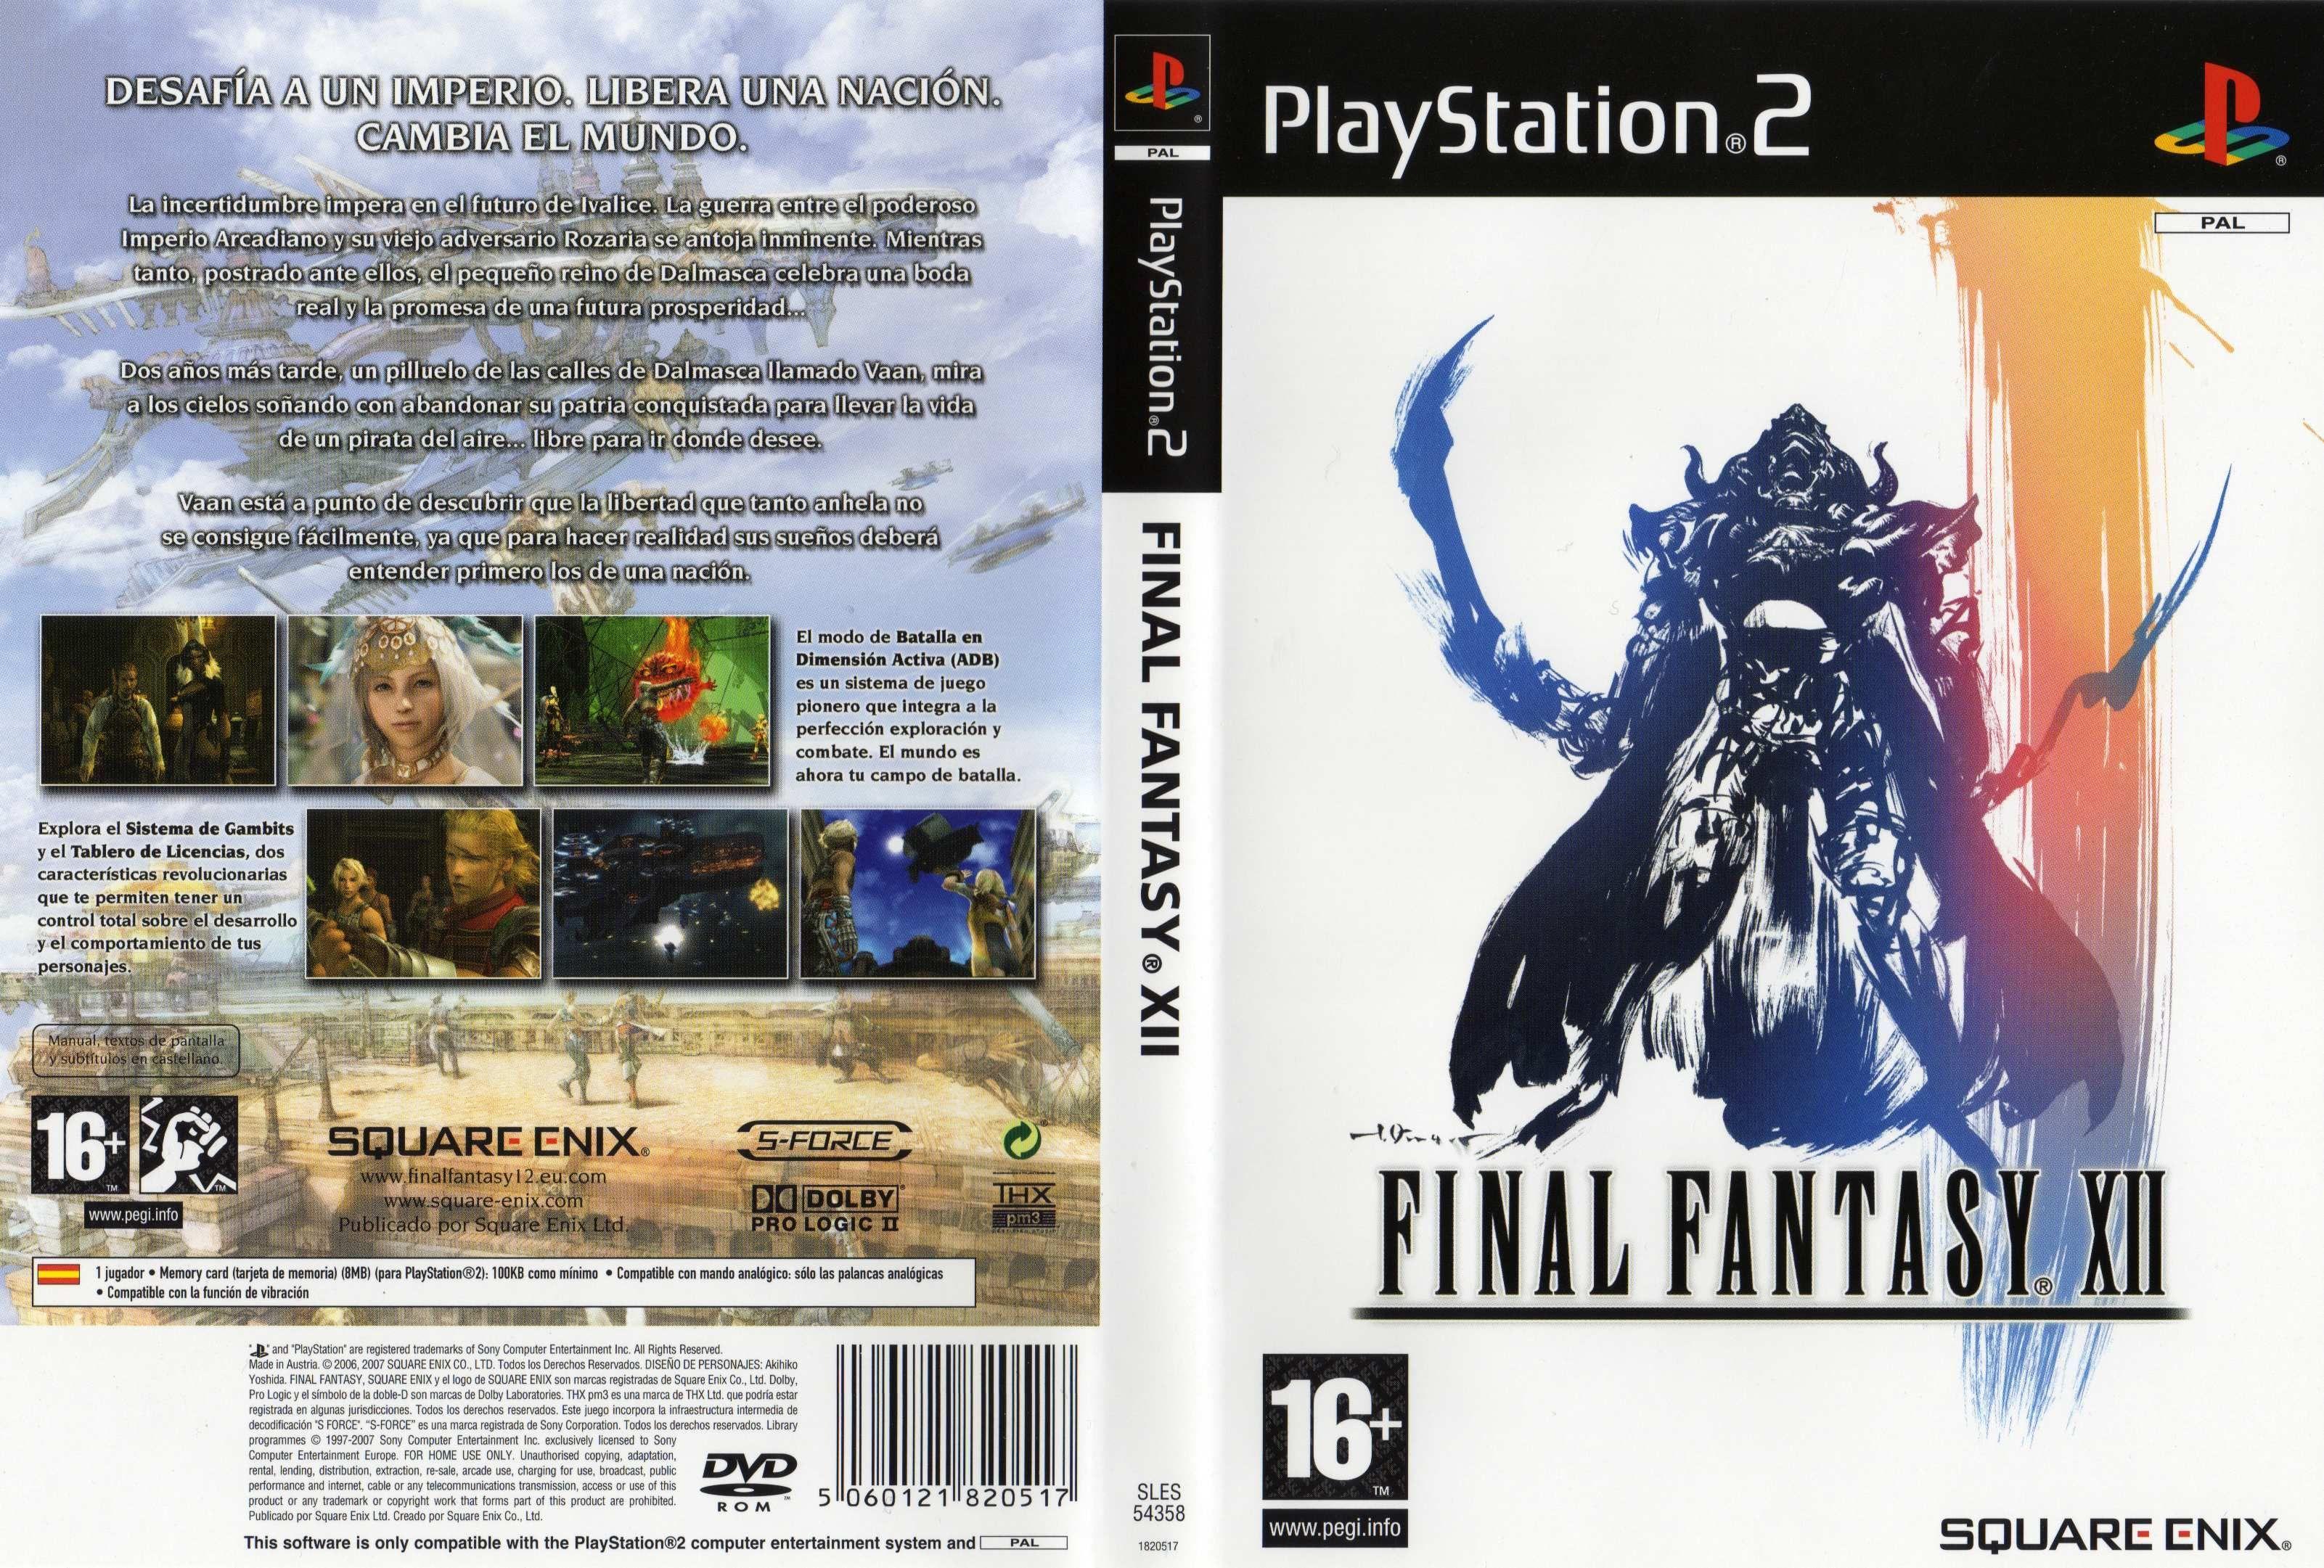 En Final Fantasy XII existen muchos tipos de armas. ¿Cuál de ellas ignora la defensa que tenga el enemigo?